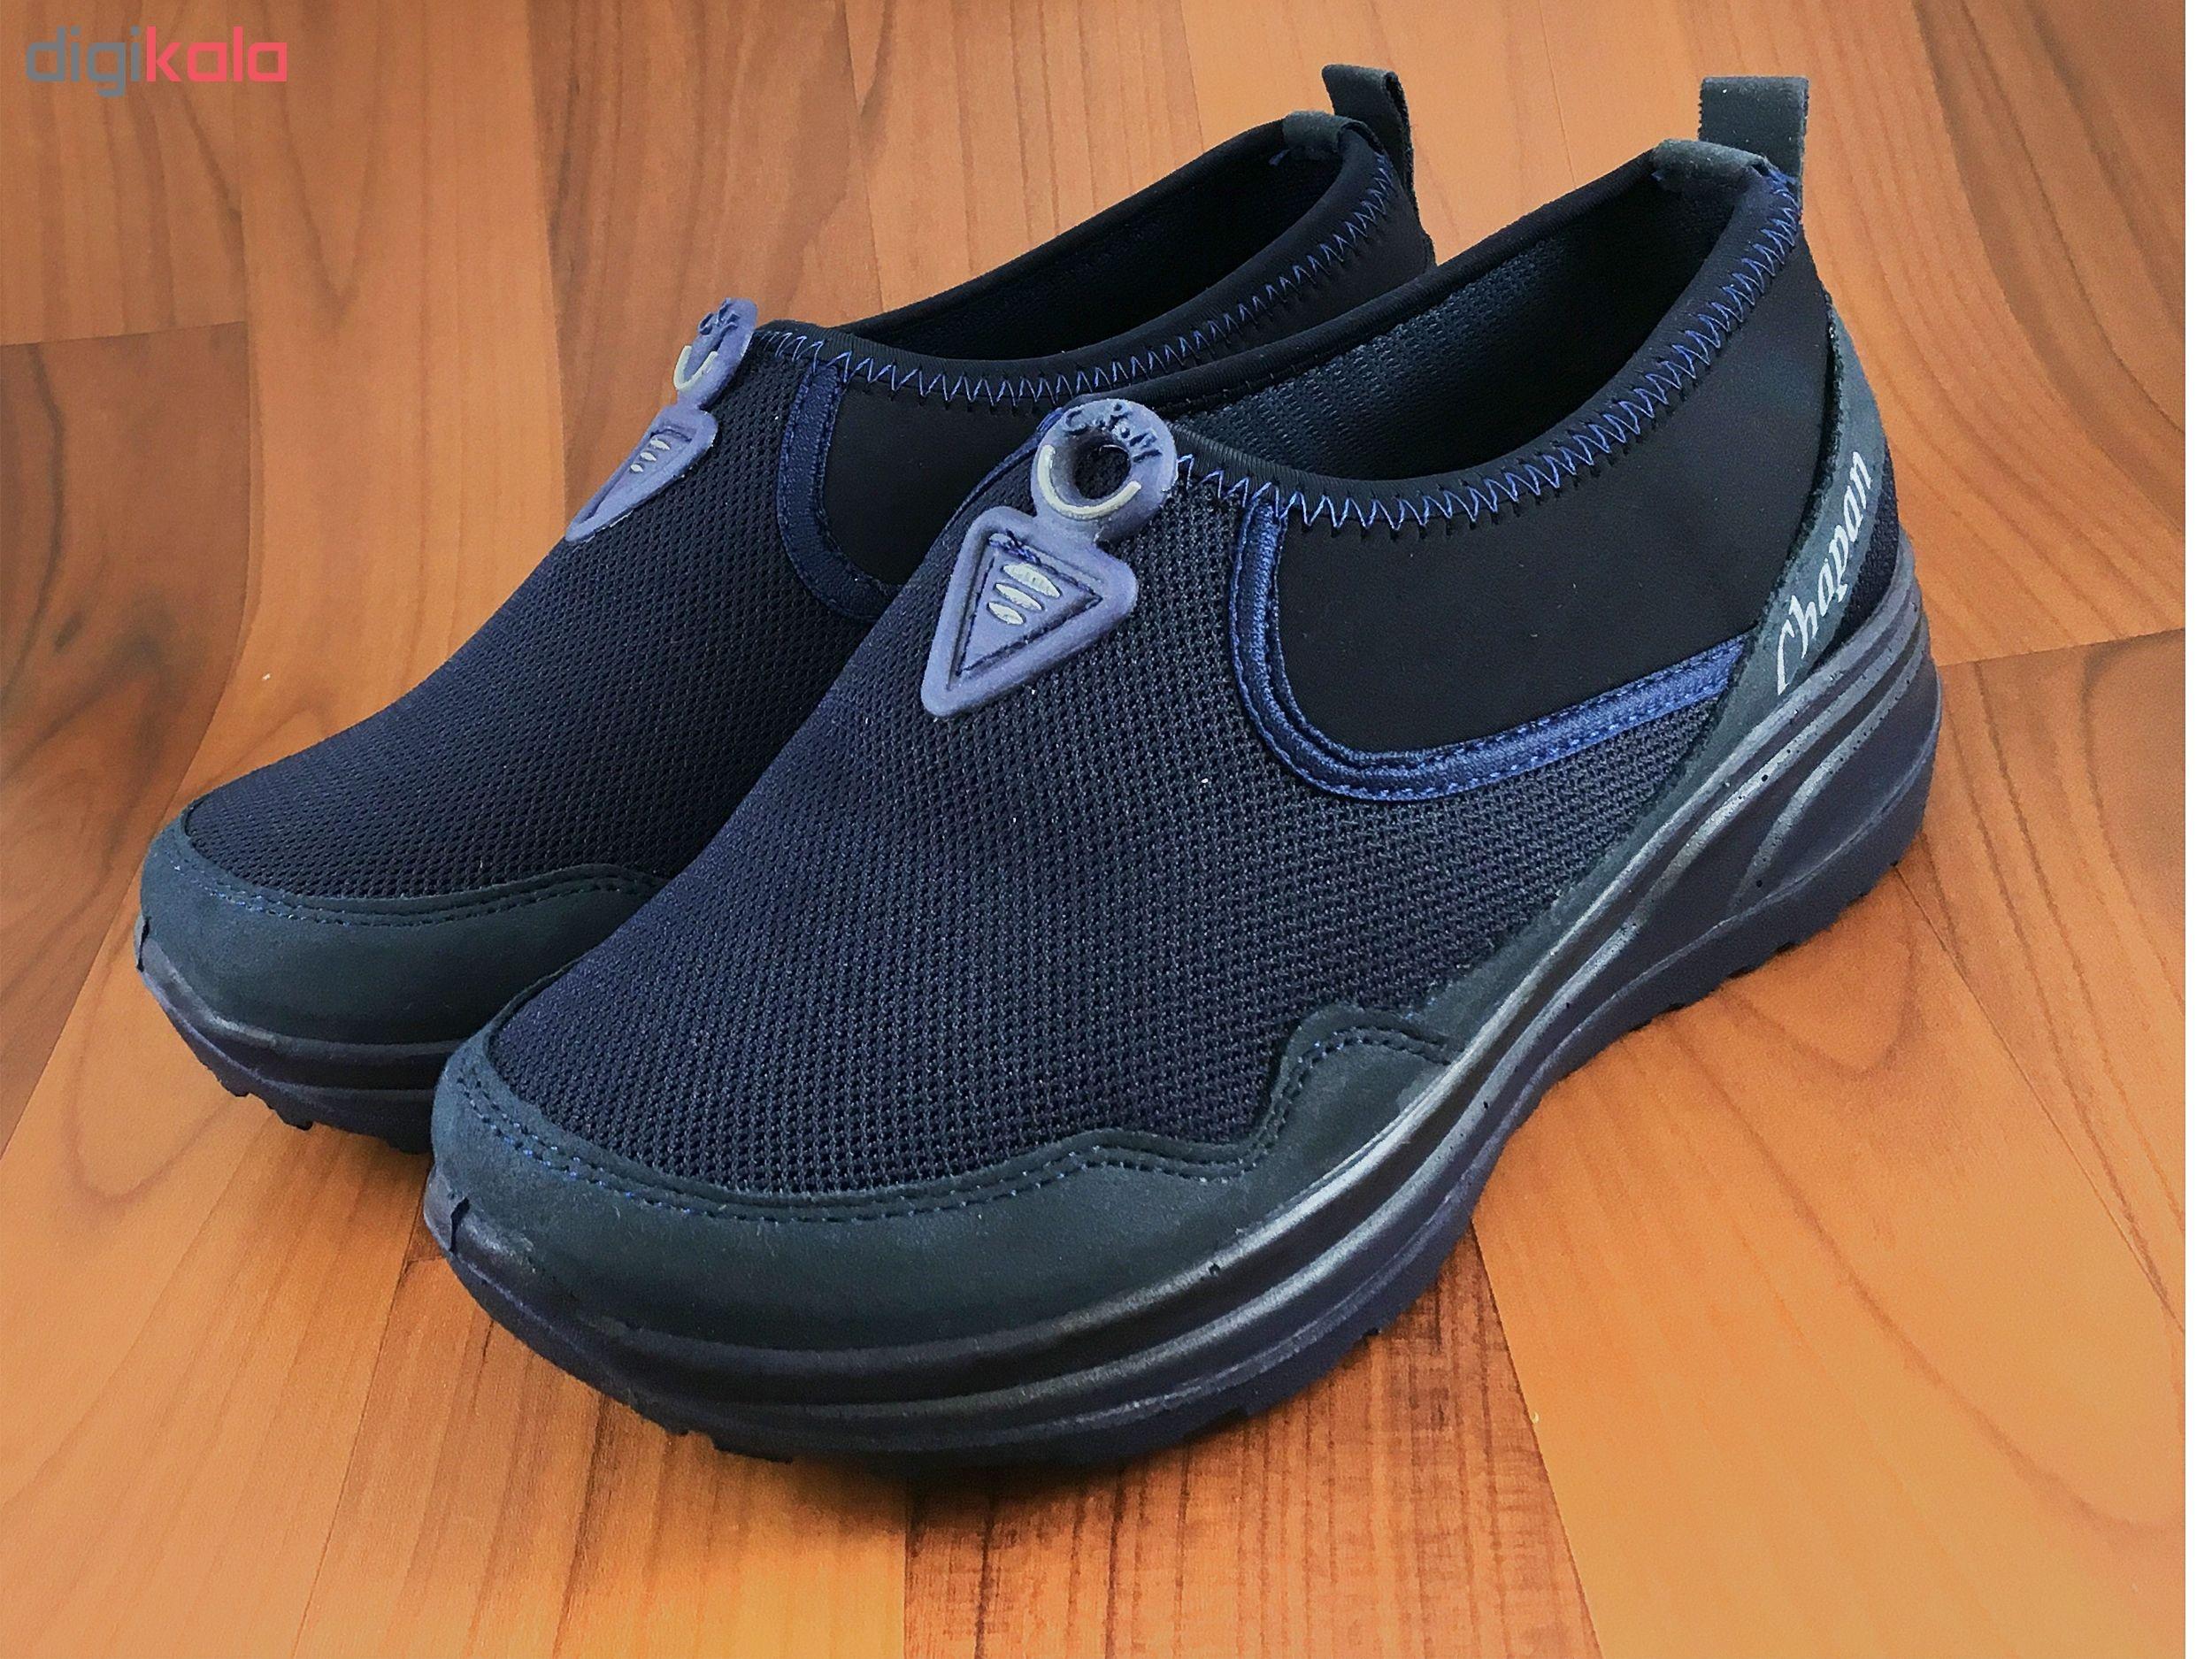 کفش مخصوص پیاده روی زنانه چپان کد 4027 main 1 2